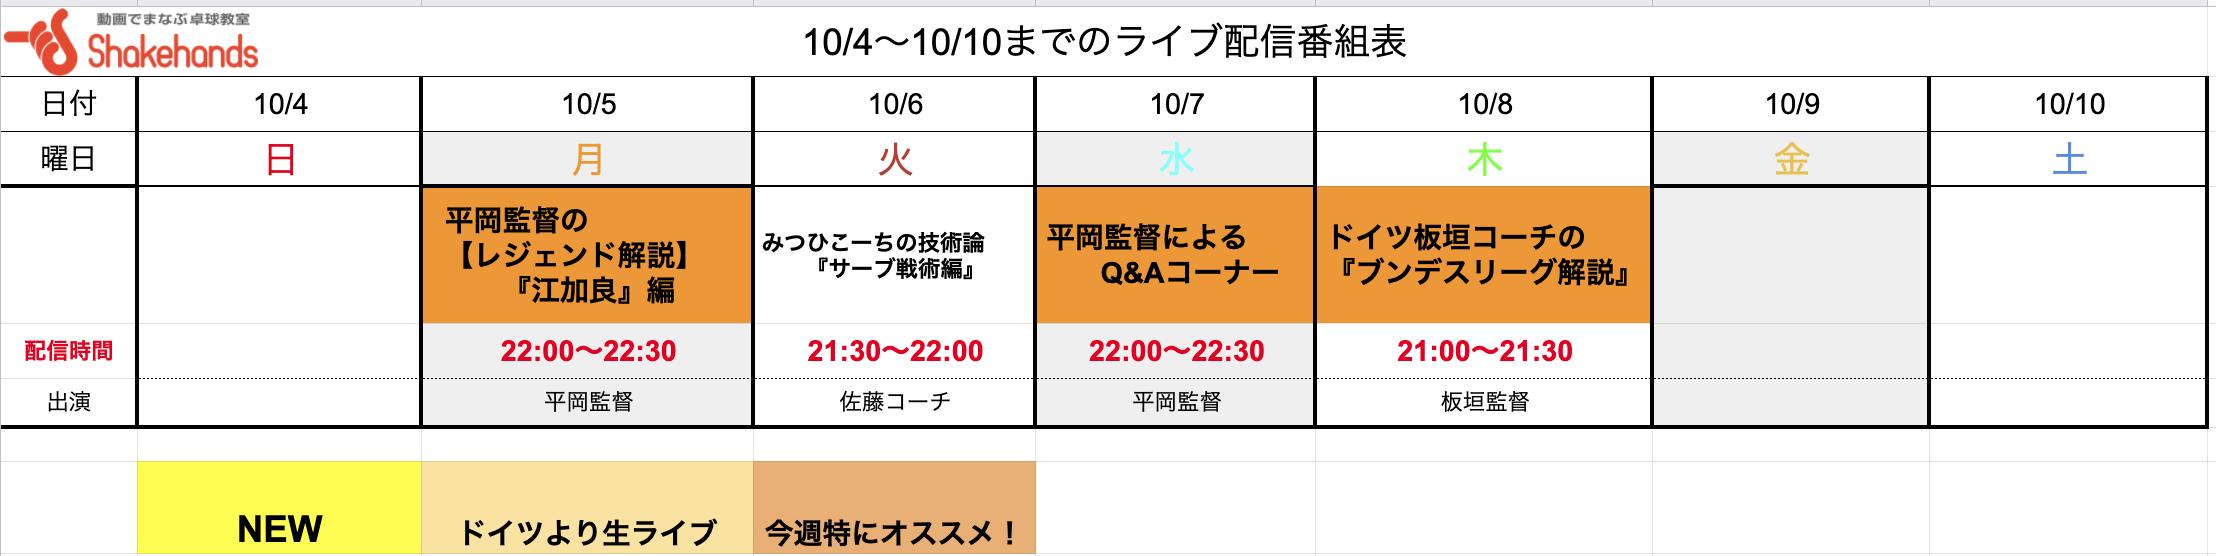 【動画会員限定ライブ!】10/4〜10/10の番組表公開しました!